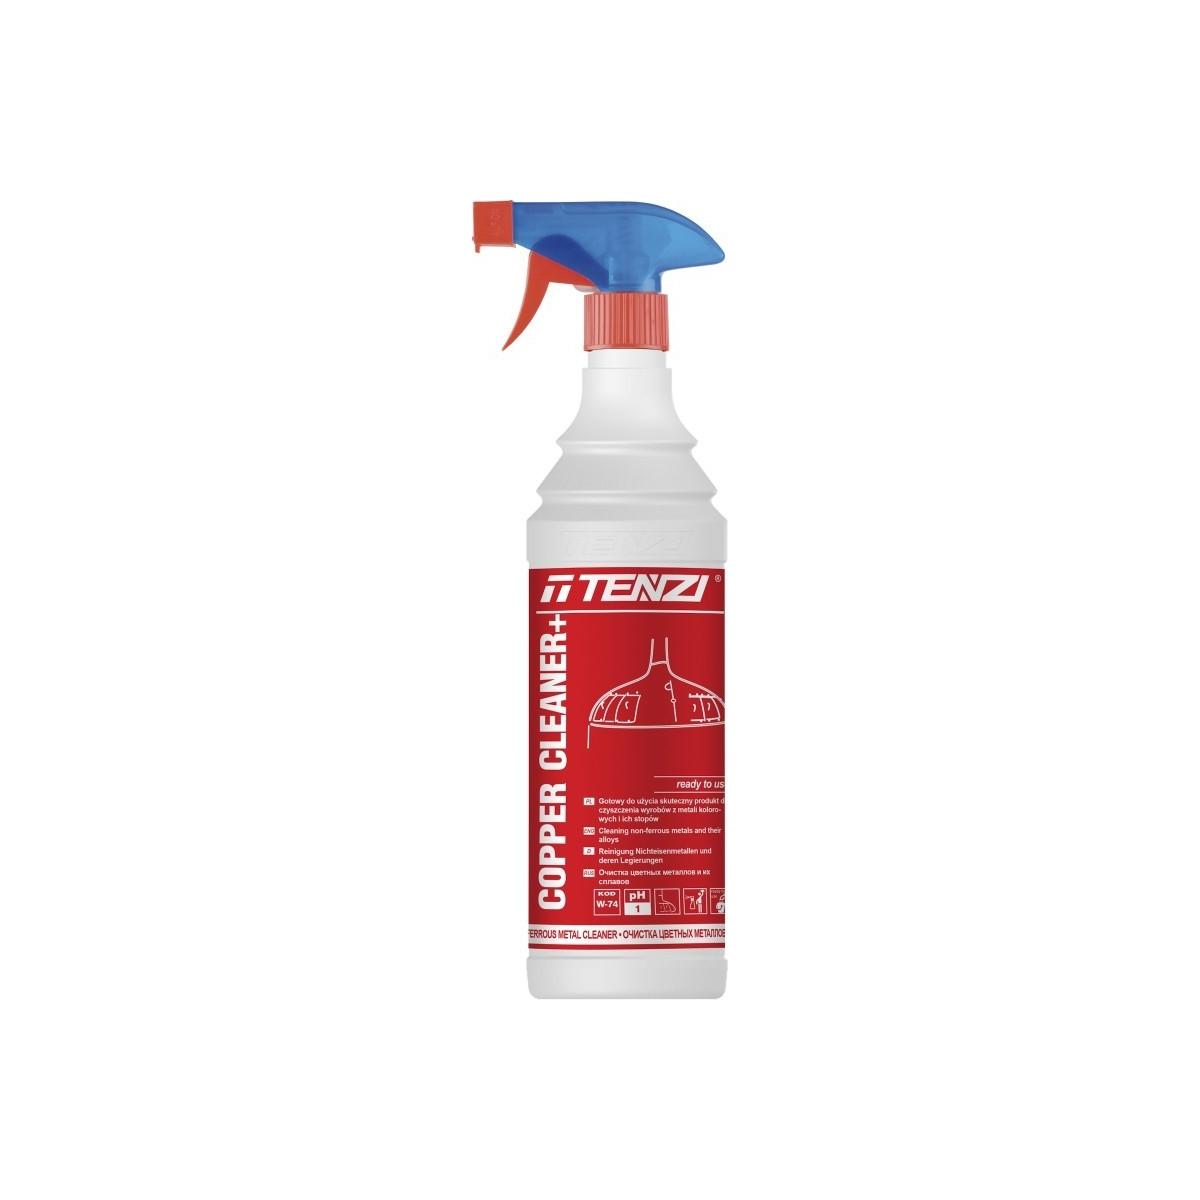 PŁYN DO CZYSZCZ. COPPER CLEANER 0.6L ROZP. Preparat do czyszczenia miedzi TENZI - W-74/600